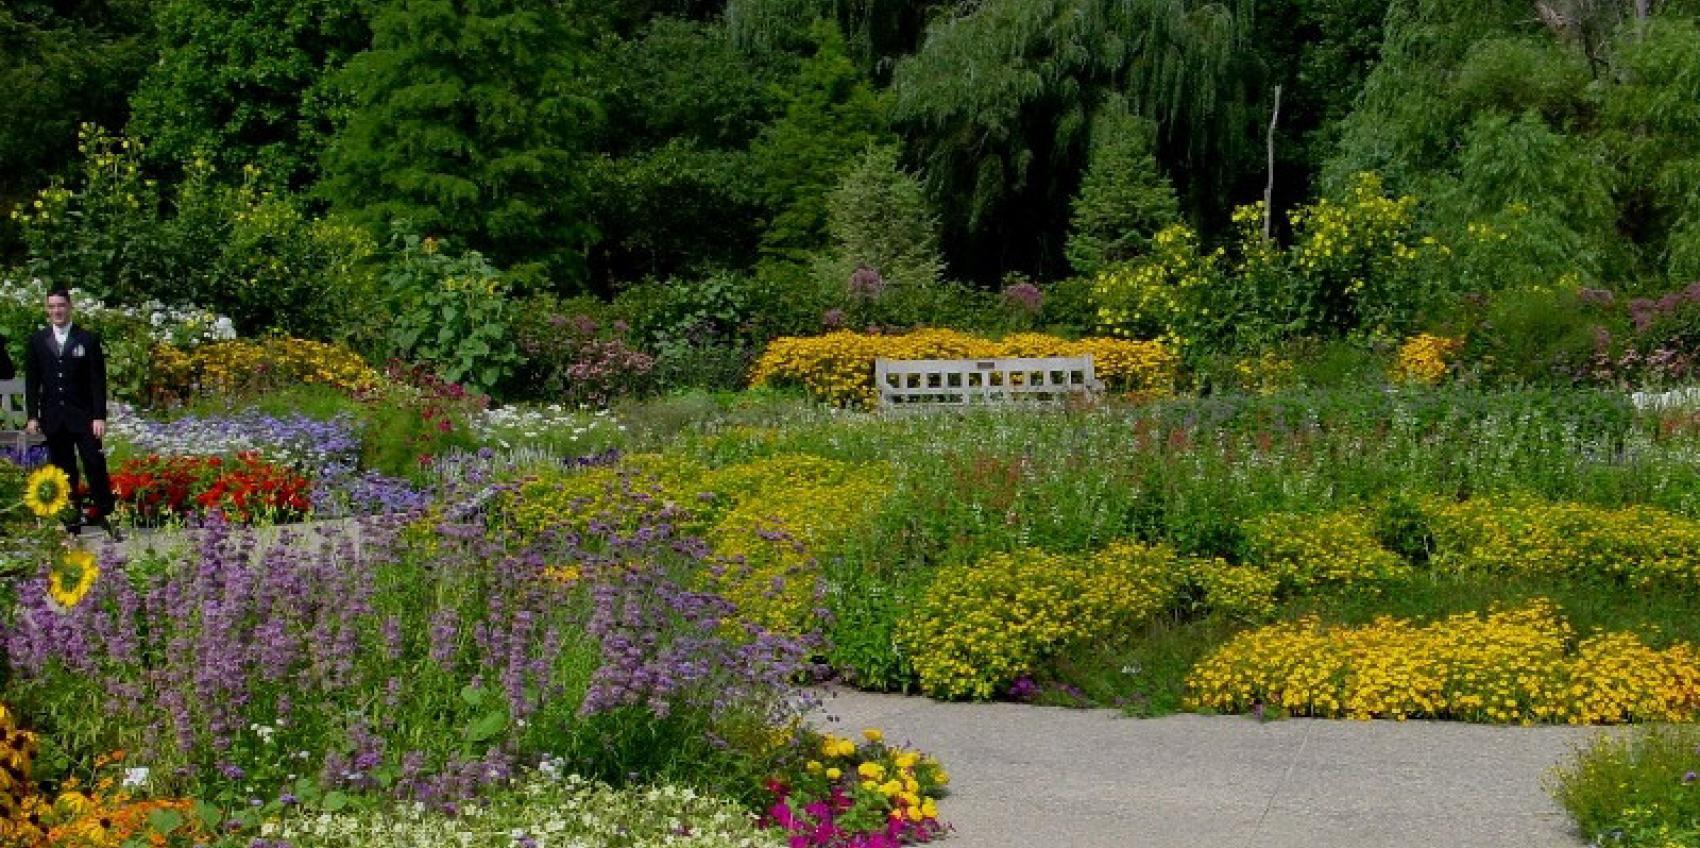 matthaei botanical gardens & nichols arboretum | american public